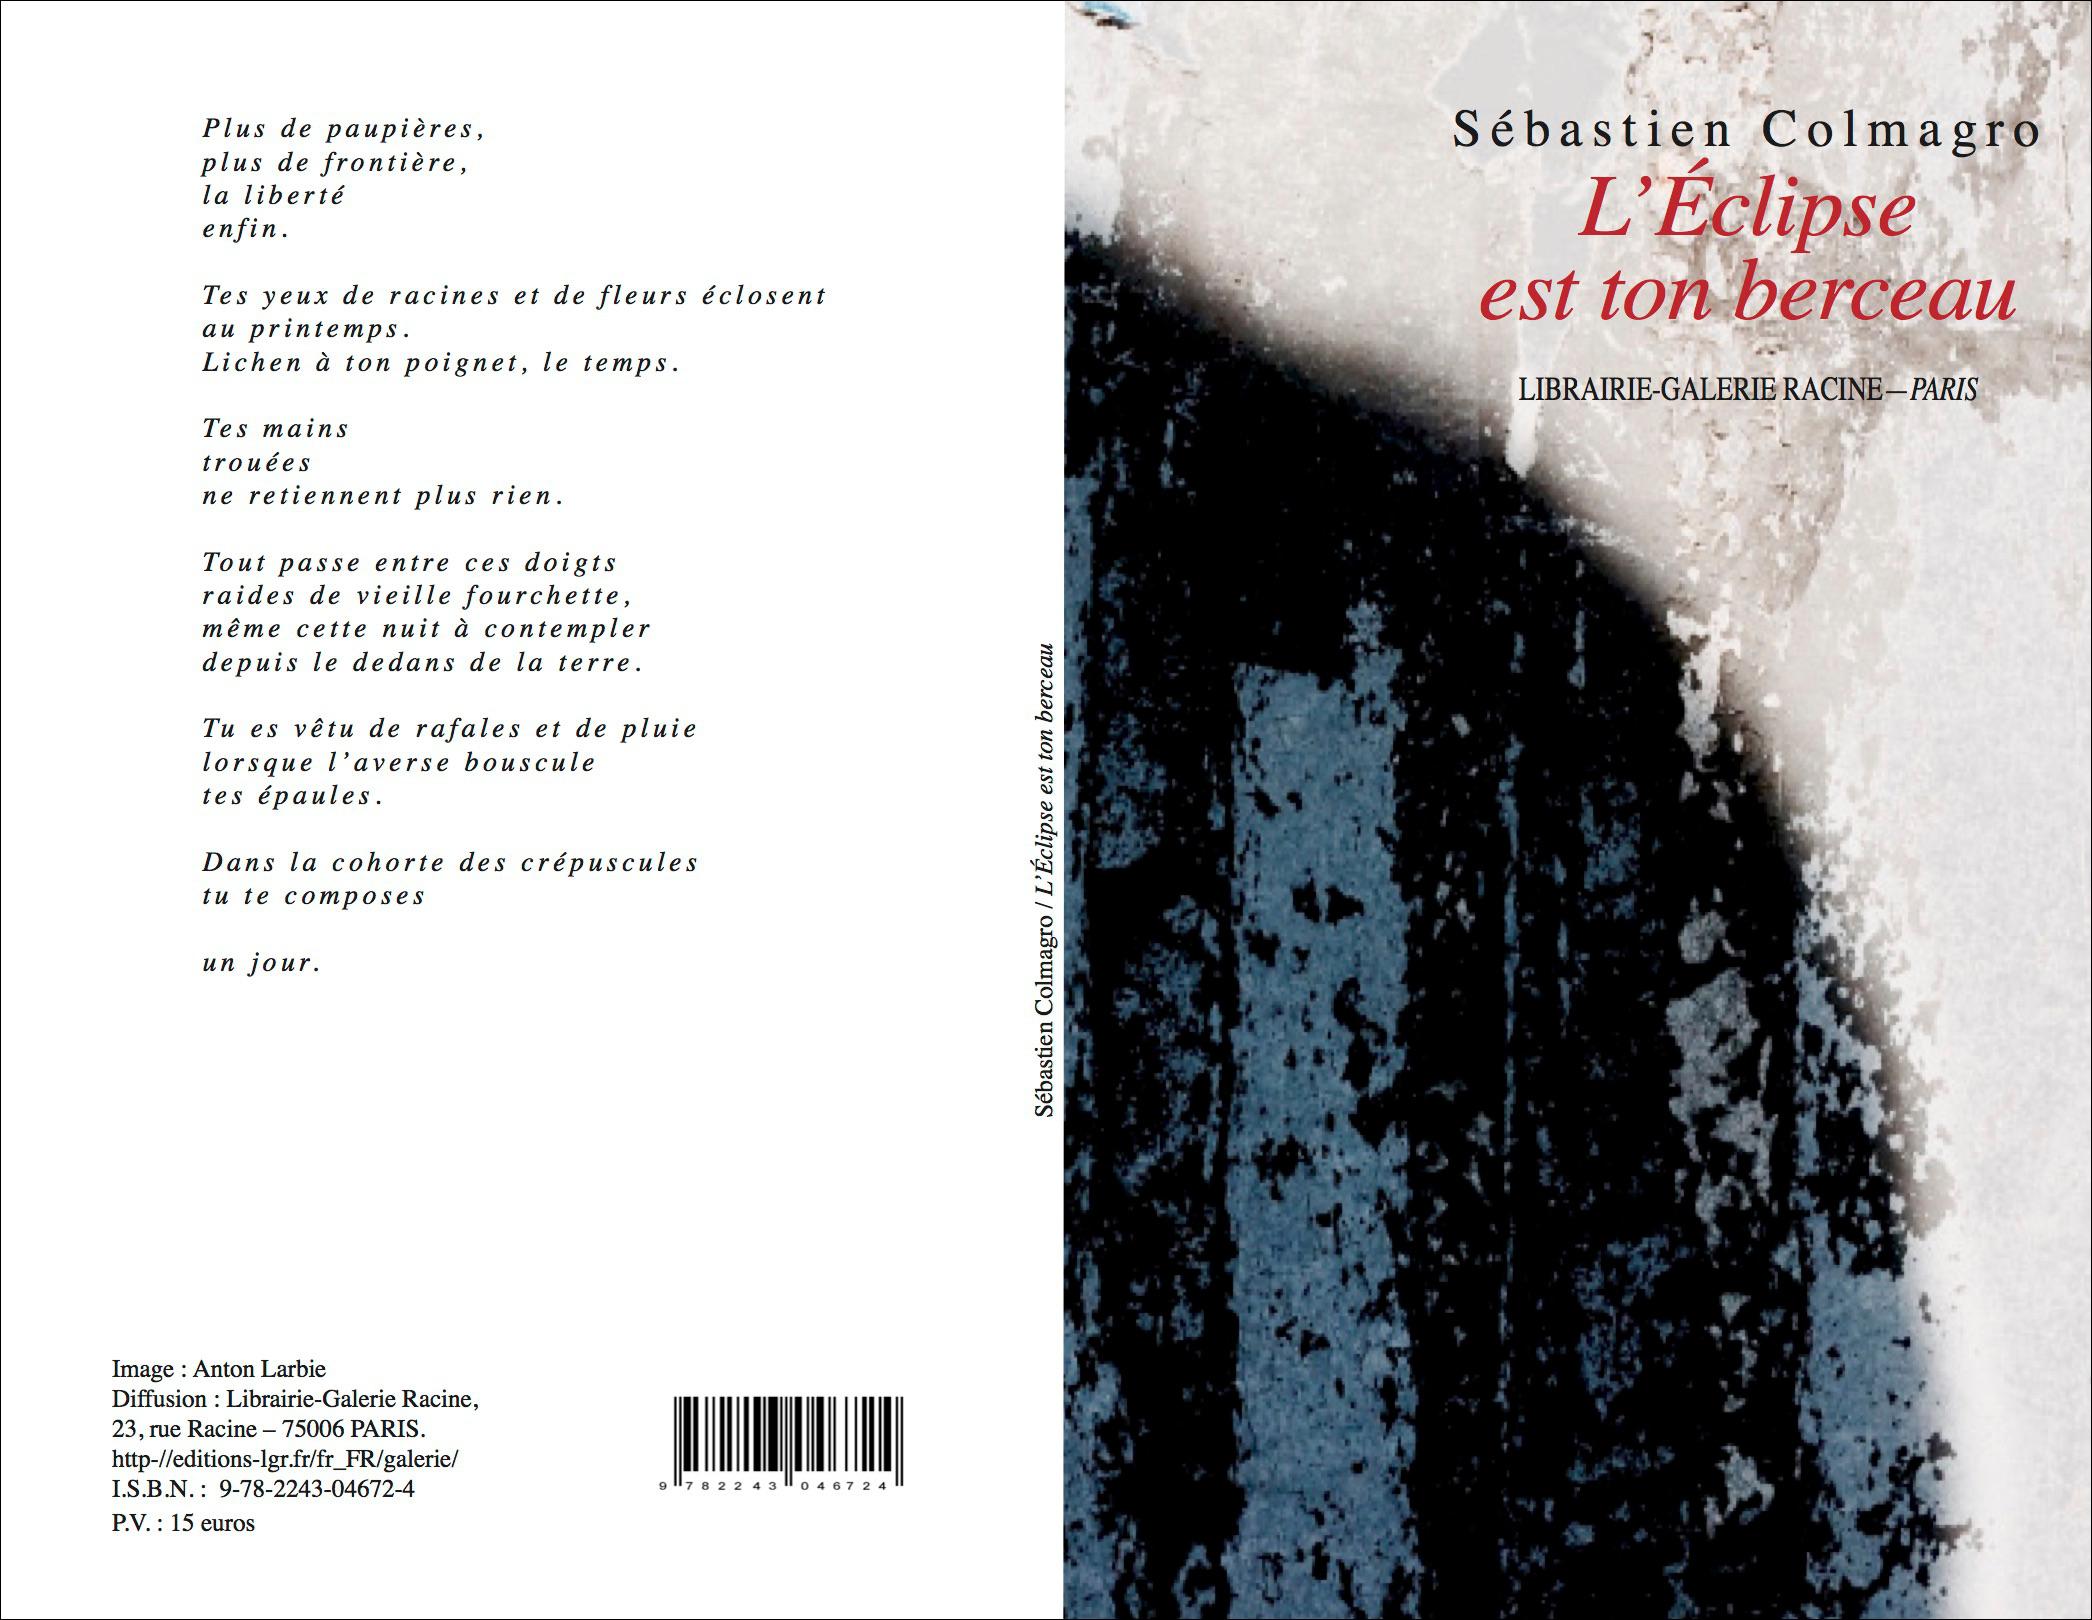 L'éclipse est ton berceau / Sebastien Colmagro